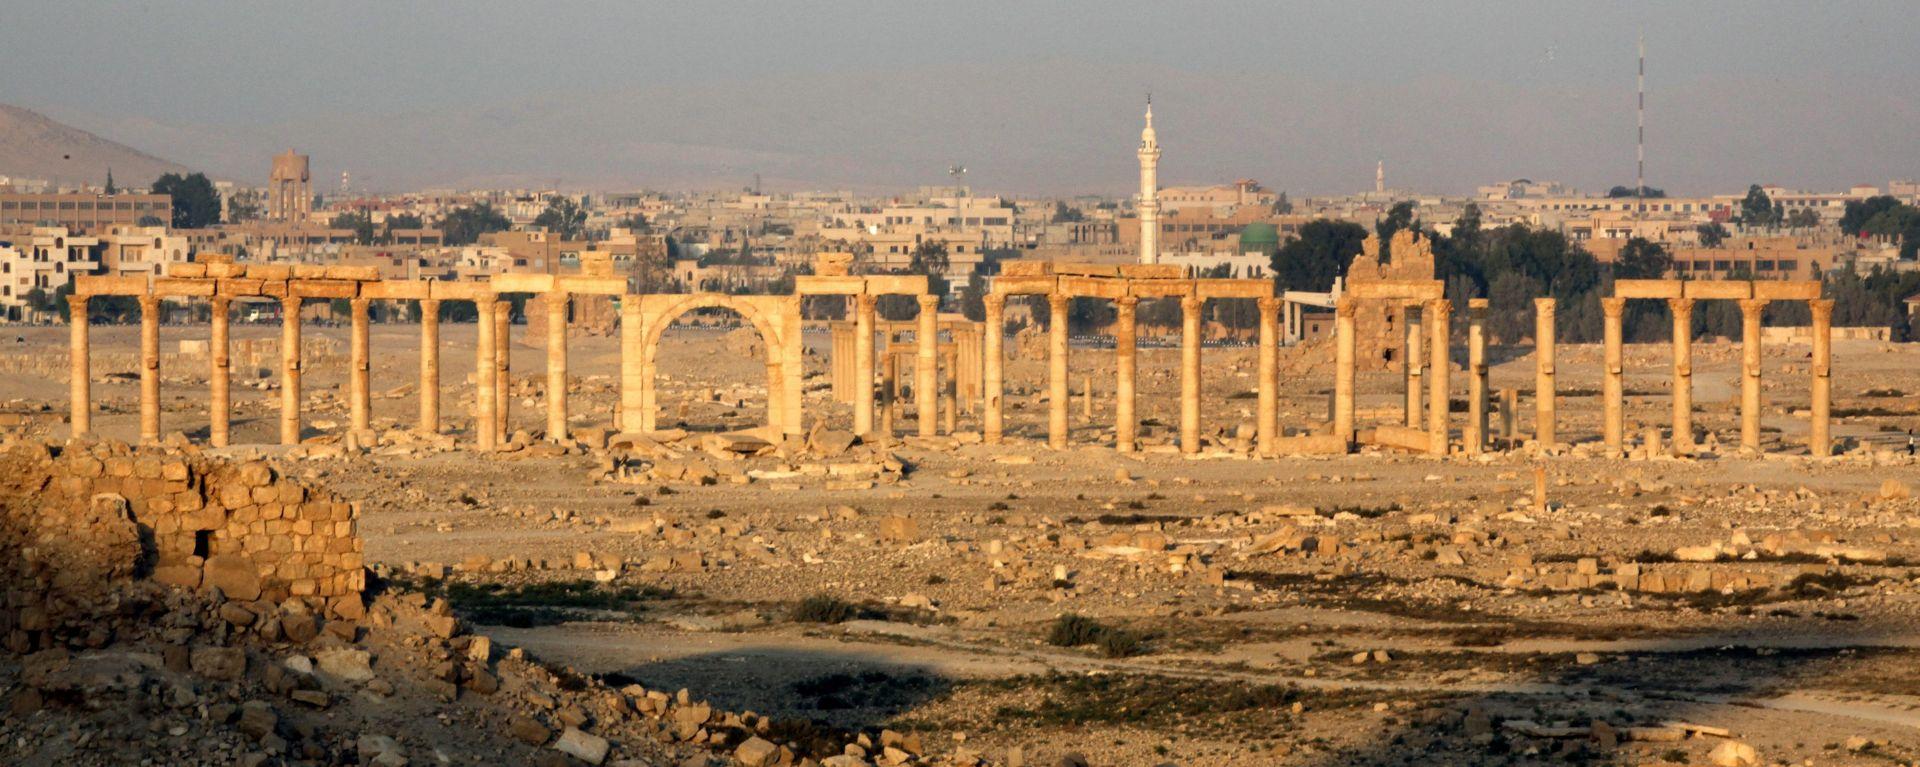 NAKON DEVET MJESECI Militanti Islamske države ponovno ušli u Palmiru